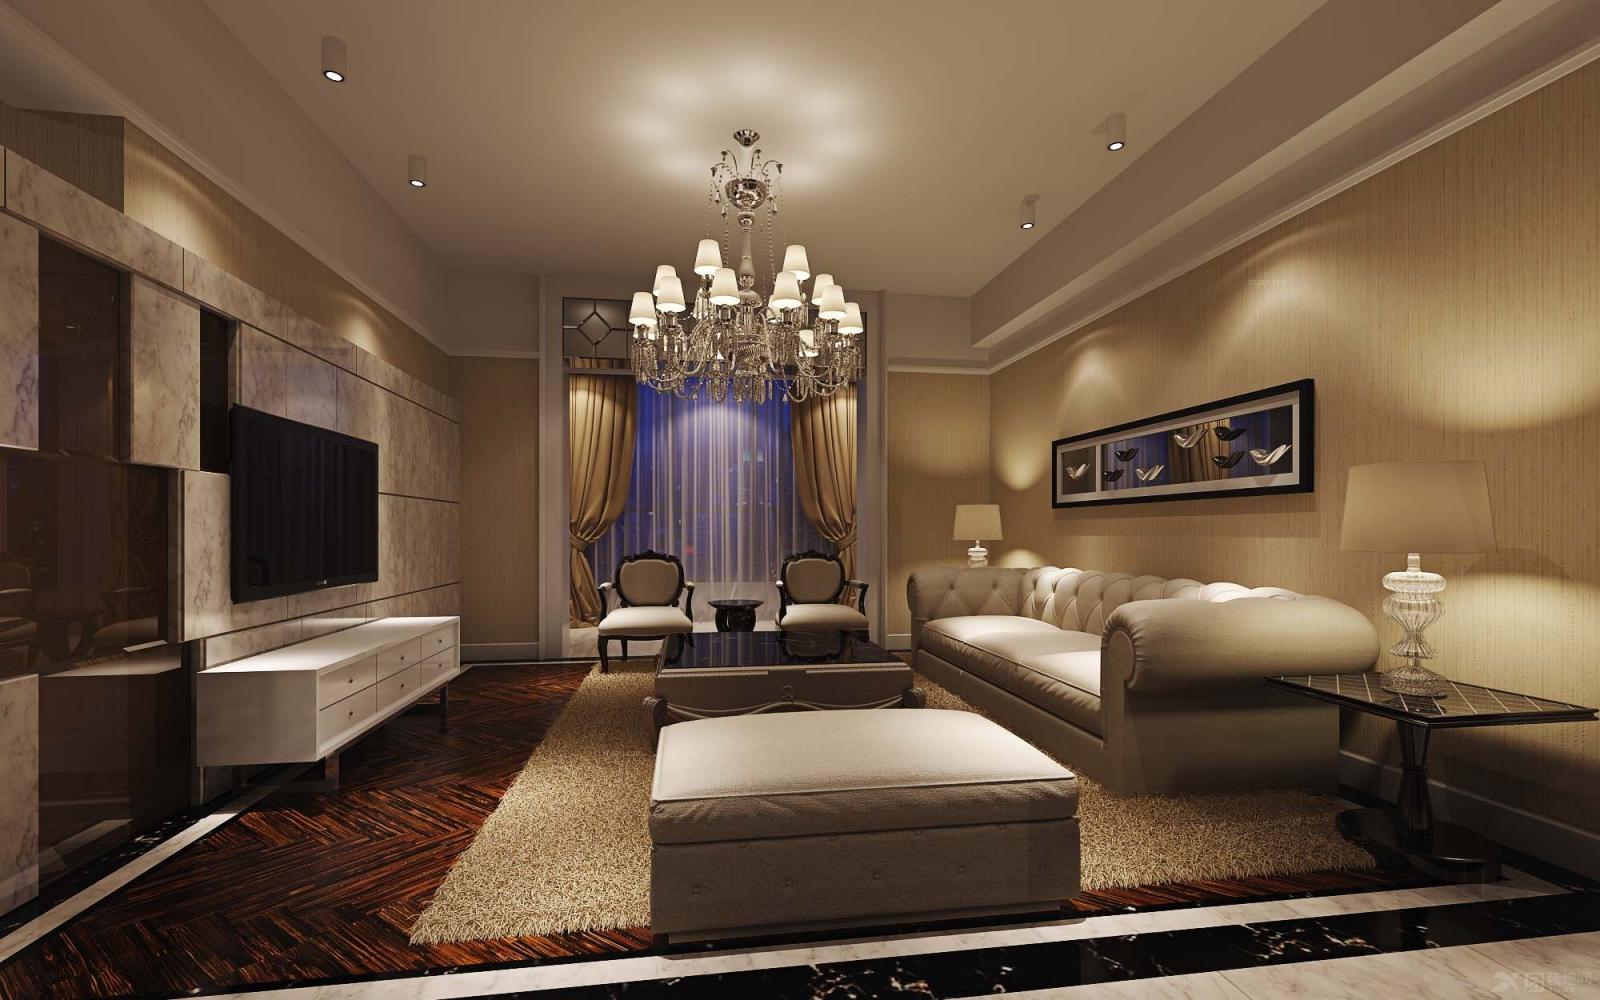 三室一厅简约风格_群升御园图片